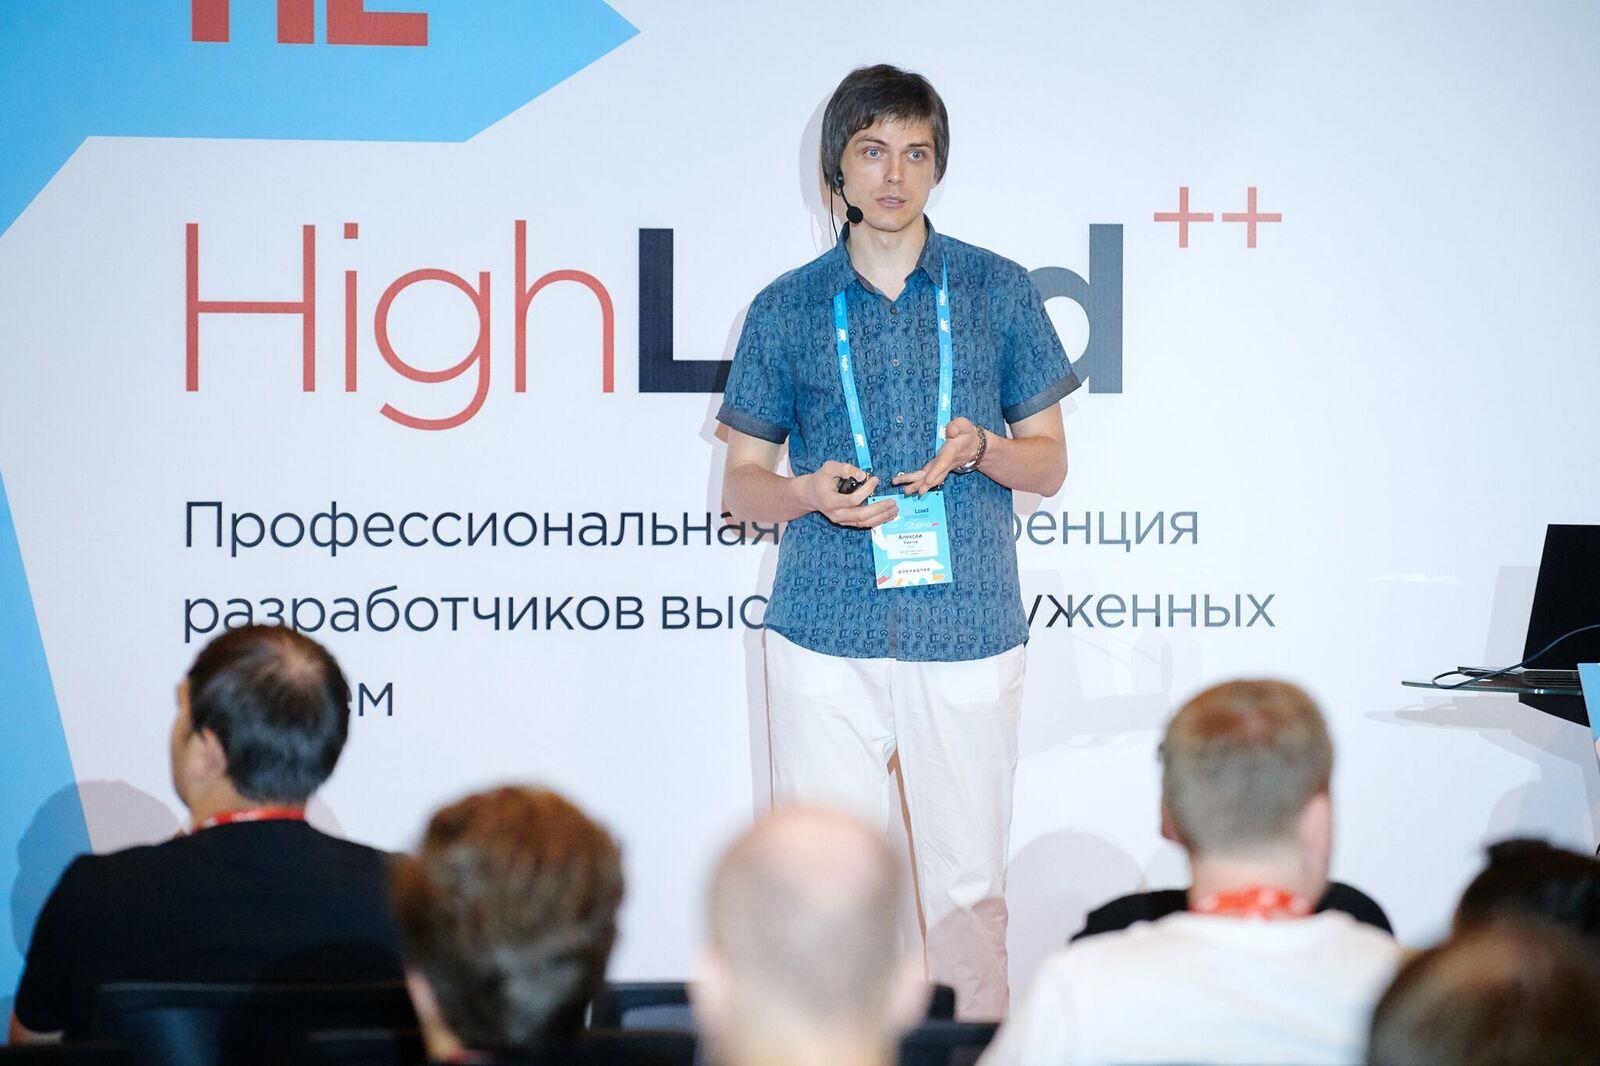 Не бойся микросервиса: Алексей Баитов об использовании микросервисной архитектуры на практике - 3